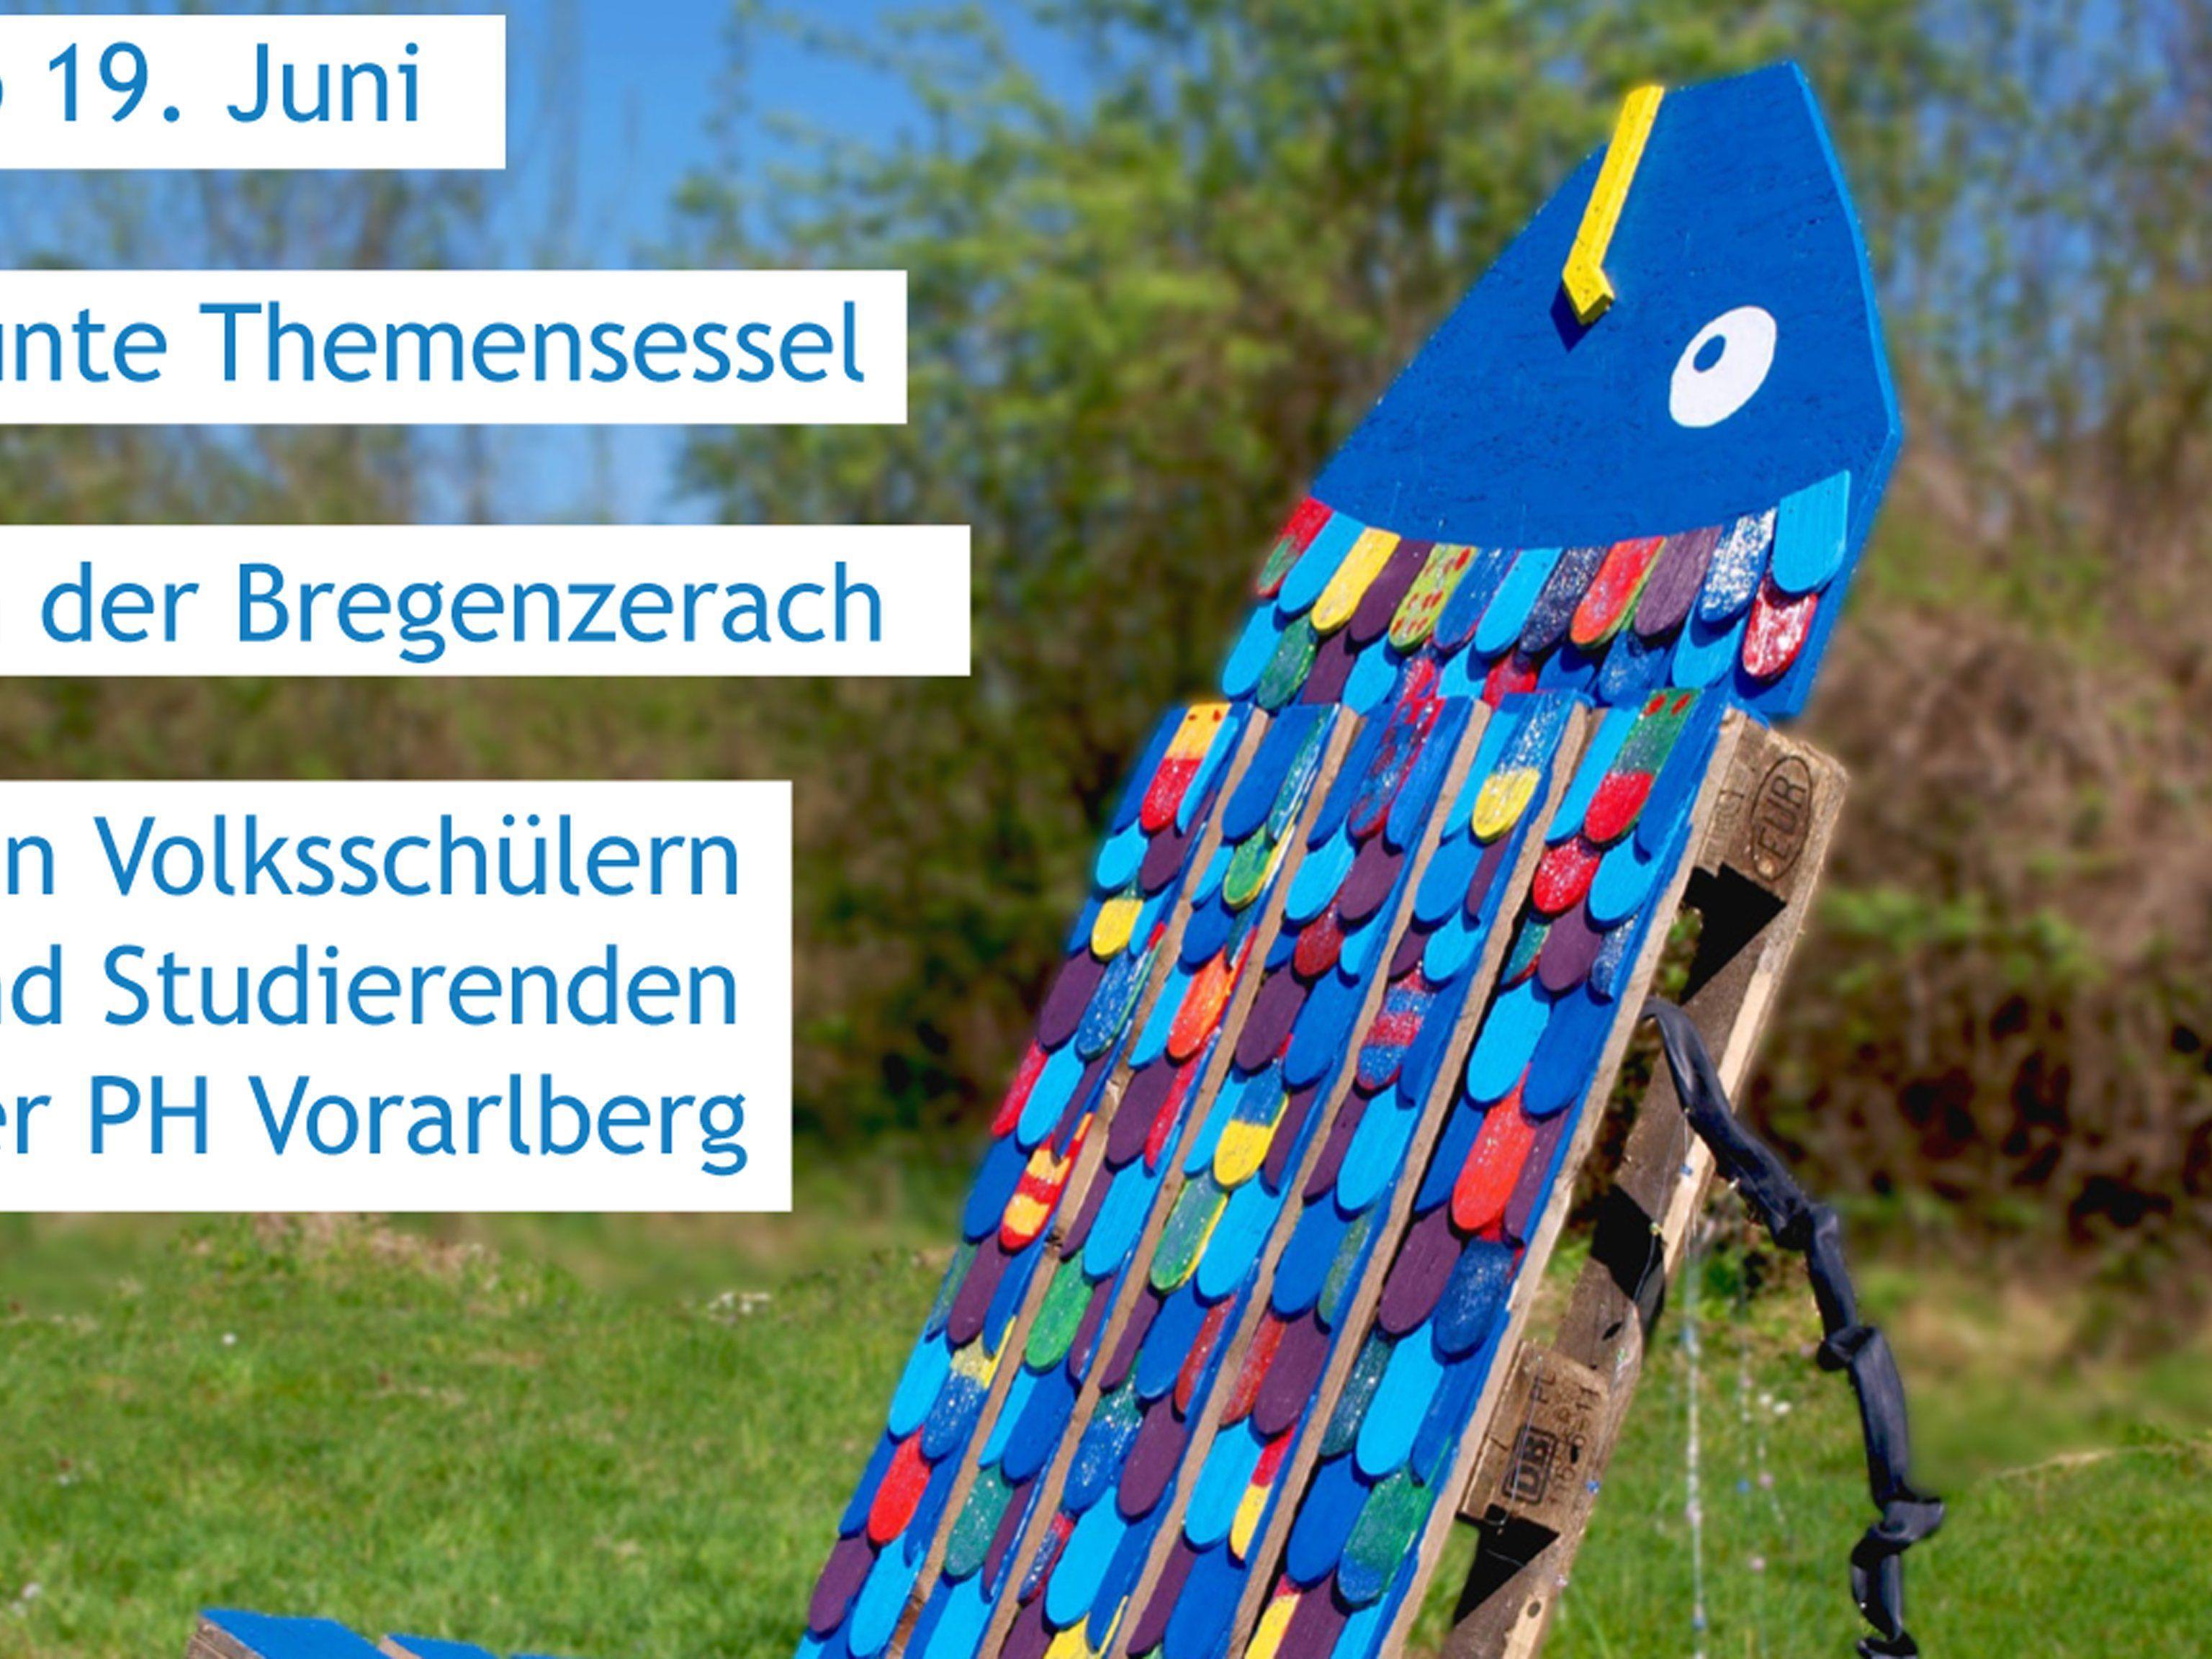 Ab 19. Juni finden sich die Themensessel entlang der Bregenzerach und laden dort zum Verweilen ein.